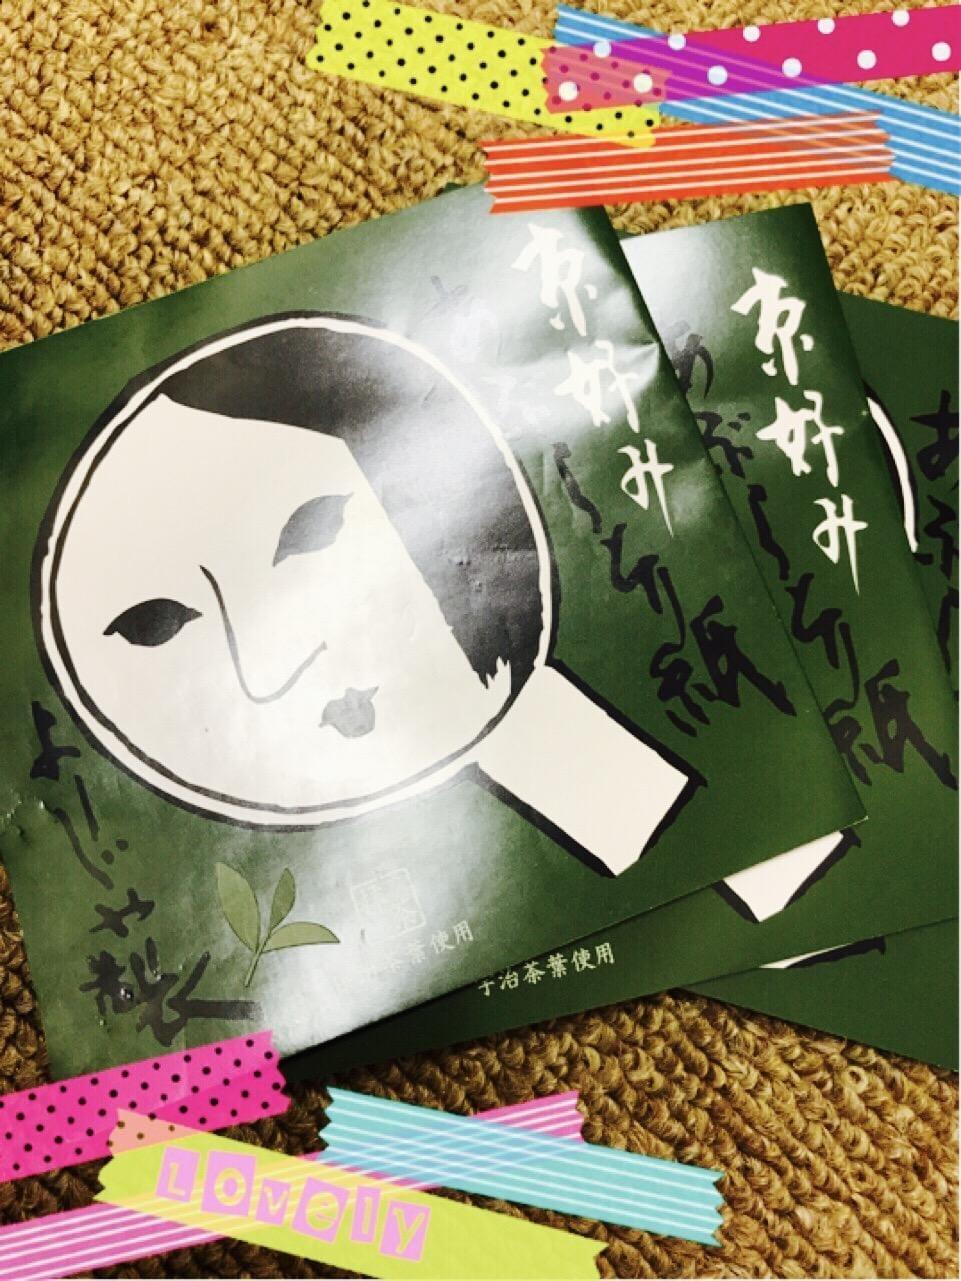 「よーじやといえば( ^ω^ )」08/22(水) 00:20   大塚 ゆみこの写メ・風俗動画